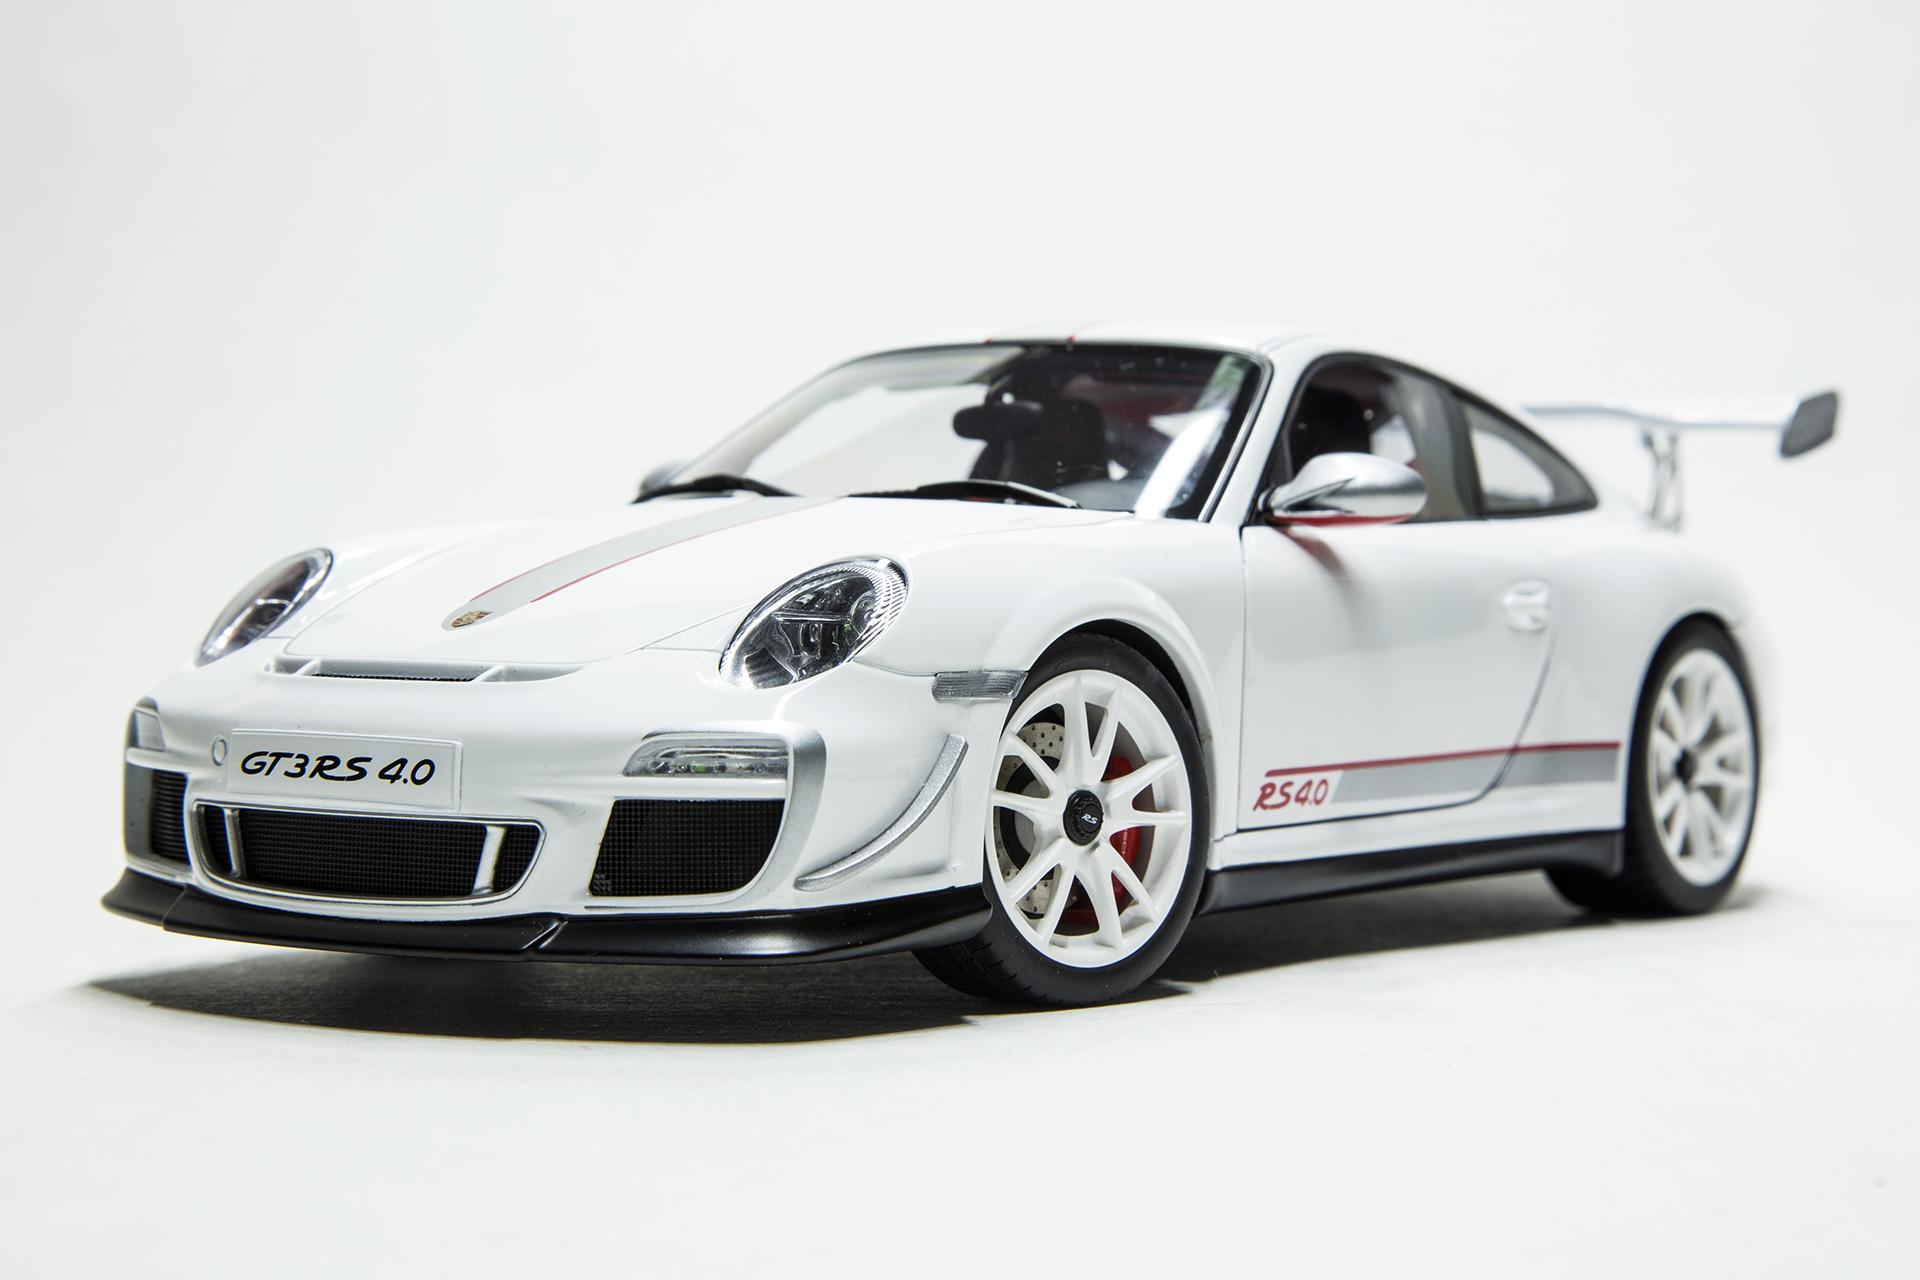 18diecast Com 1 18 Scale Diecast Model Cars Porsche 911 Gt3 Rs 4 0 997 White Autoart 78147